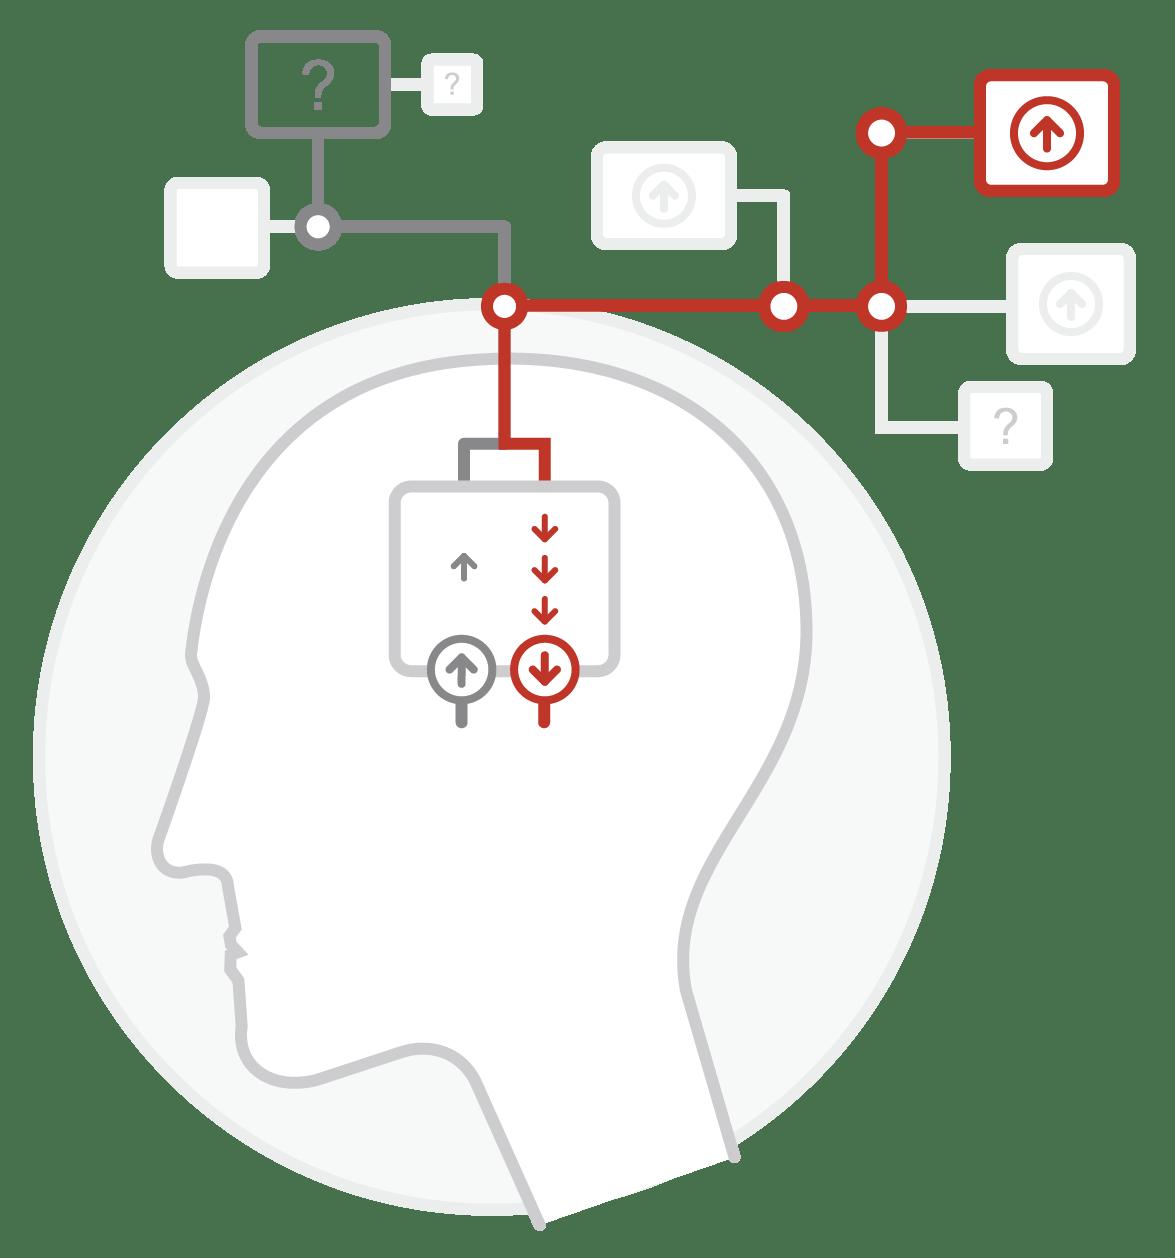 Organizational Learning & Training Methodology